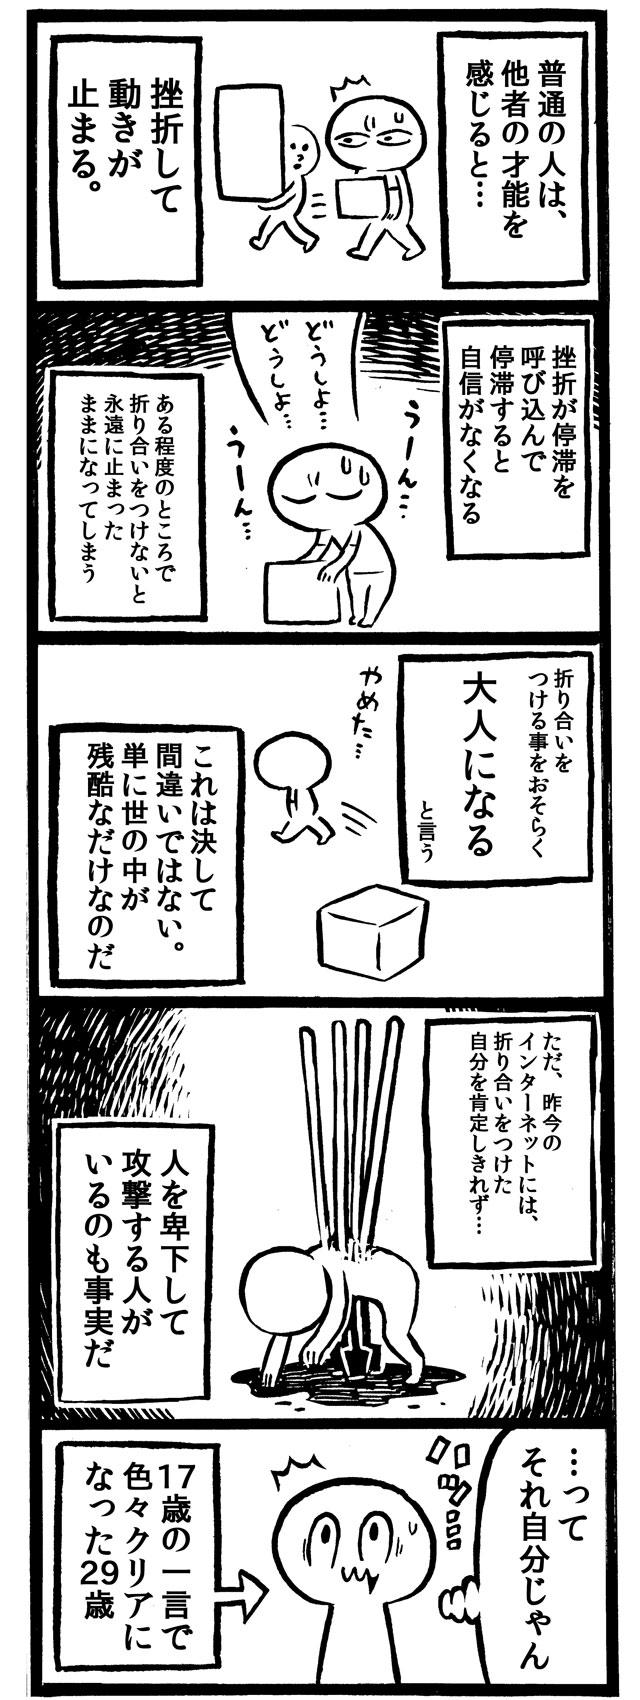 f:id:kakijiro:20151225102802j:plain